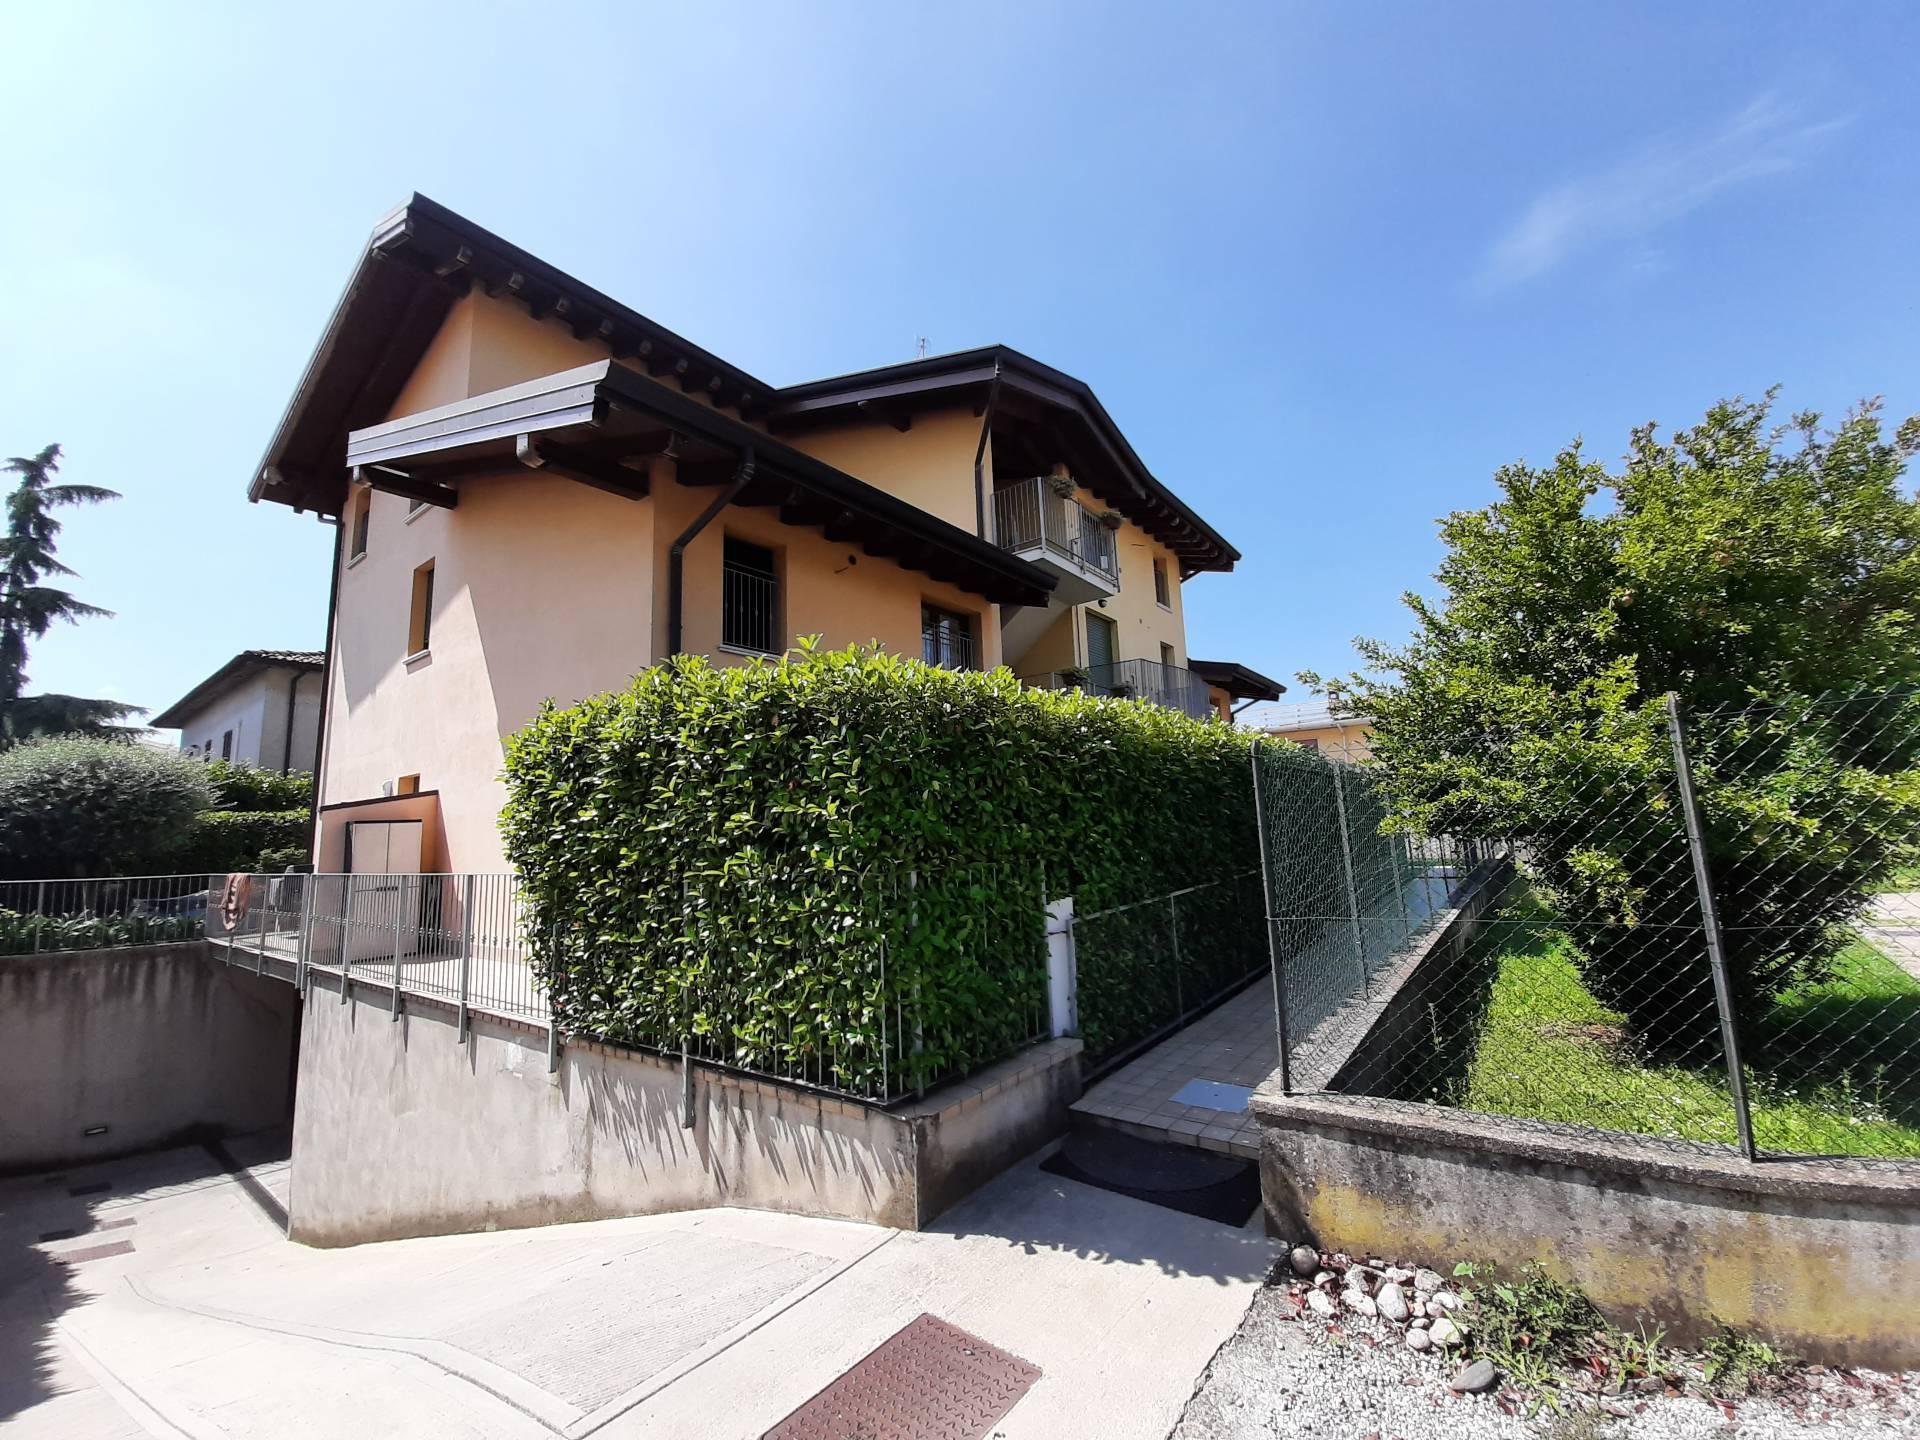 Appartamento in vendita a Grassobbio, 1 locali, prezzo € 59.000   PortaleAgenzieImmobiliari.it